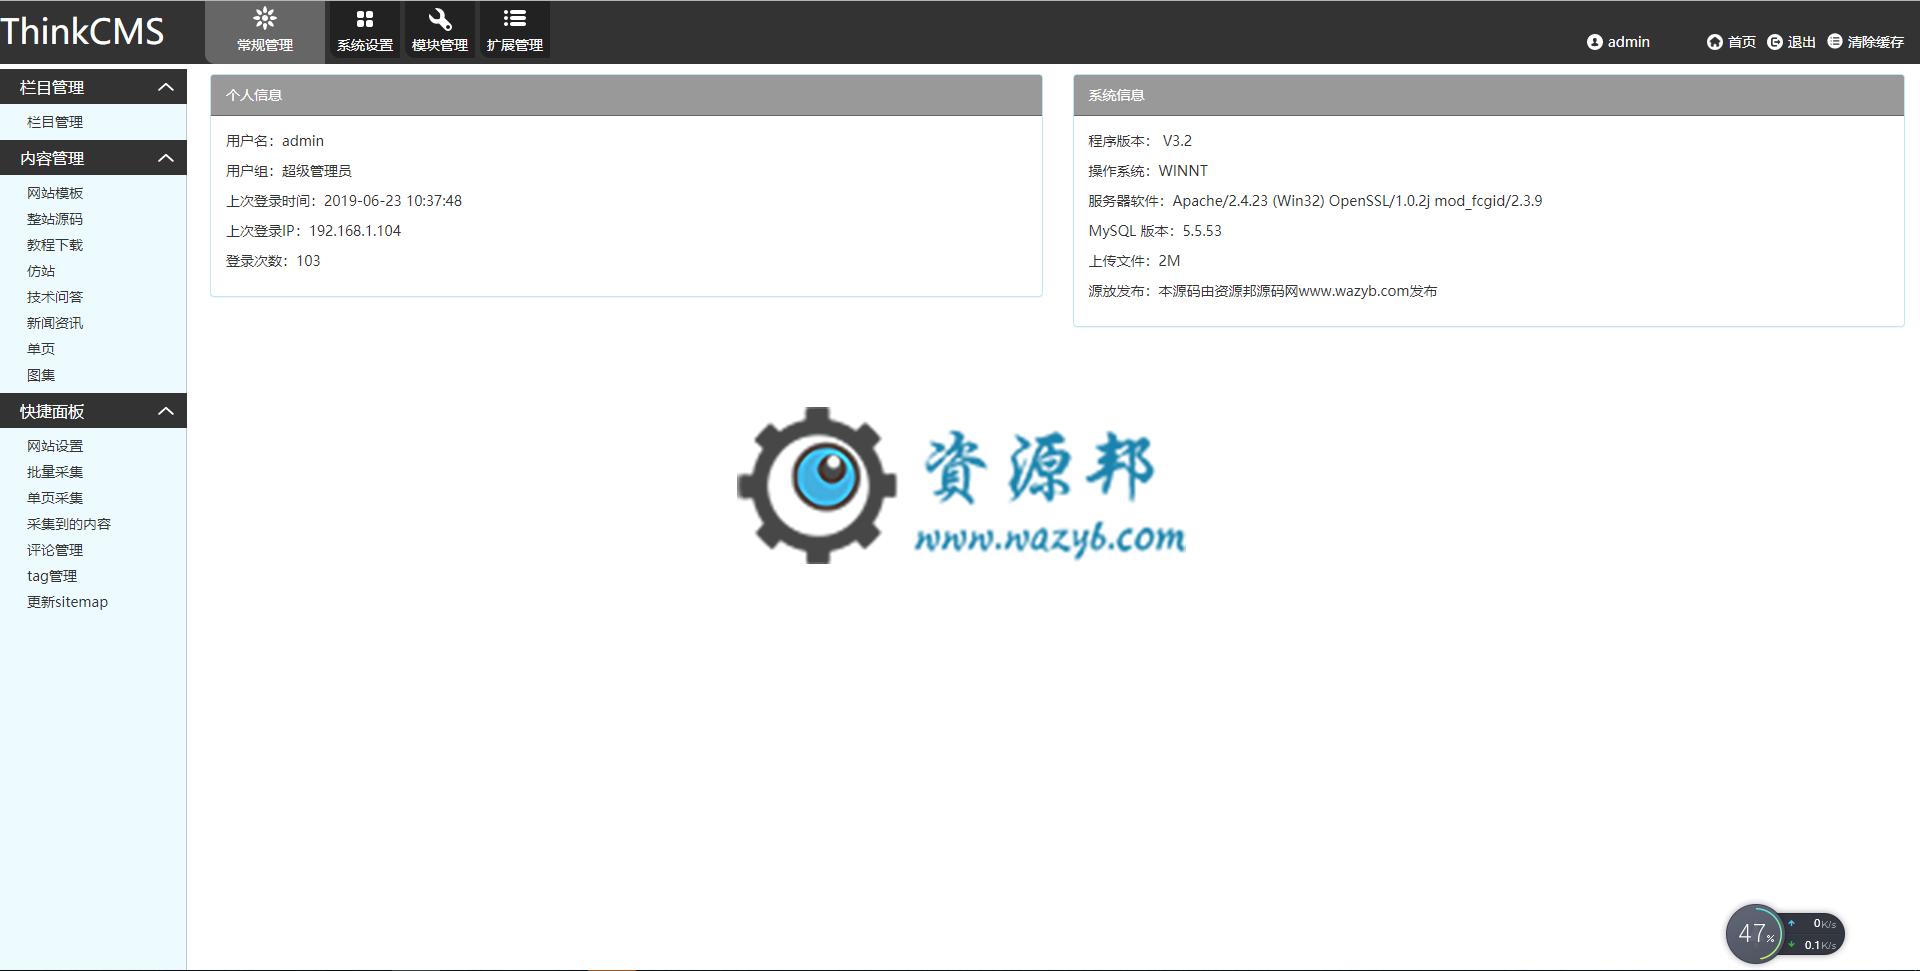 基于ThinkPHP框架开发的仿素材火源码素材资源下载网站PHP源码,支持一键采集,支持微信和支付宝支付 ThinkPHP源码 第10张